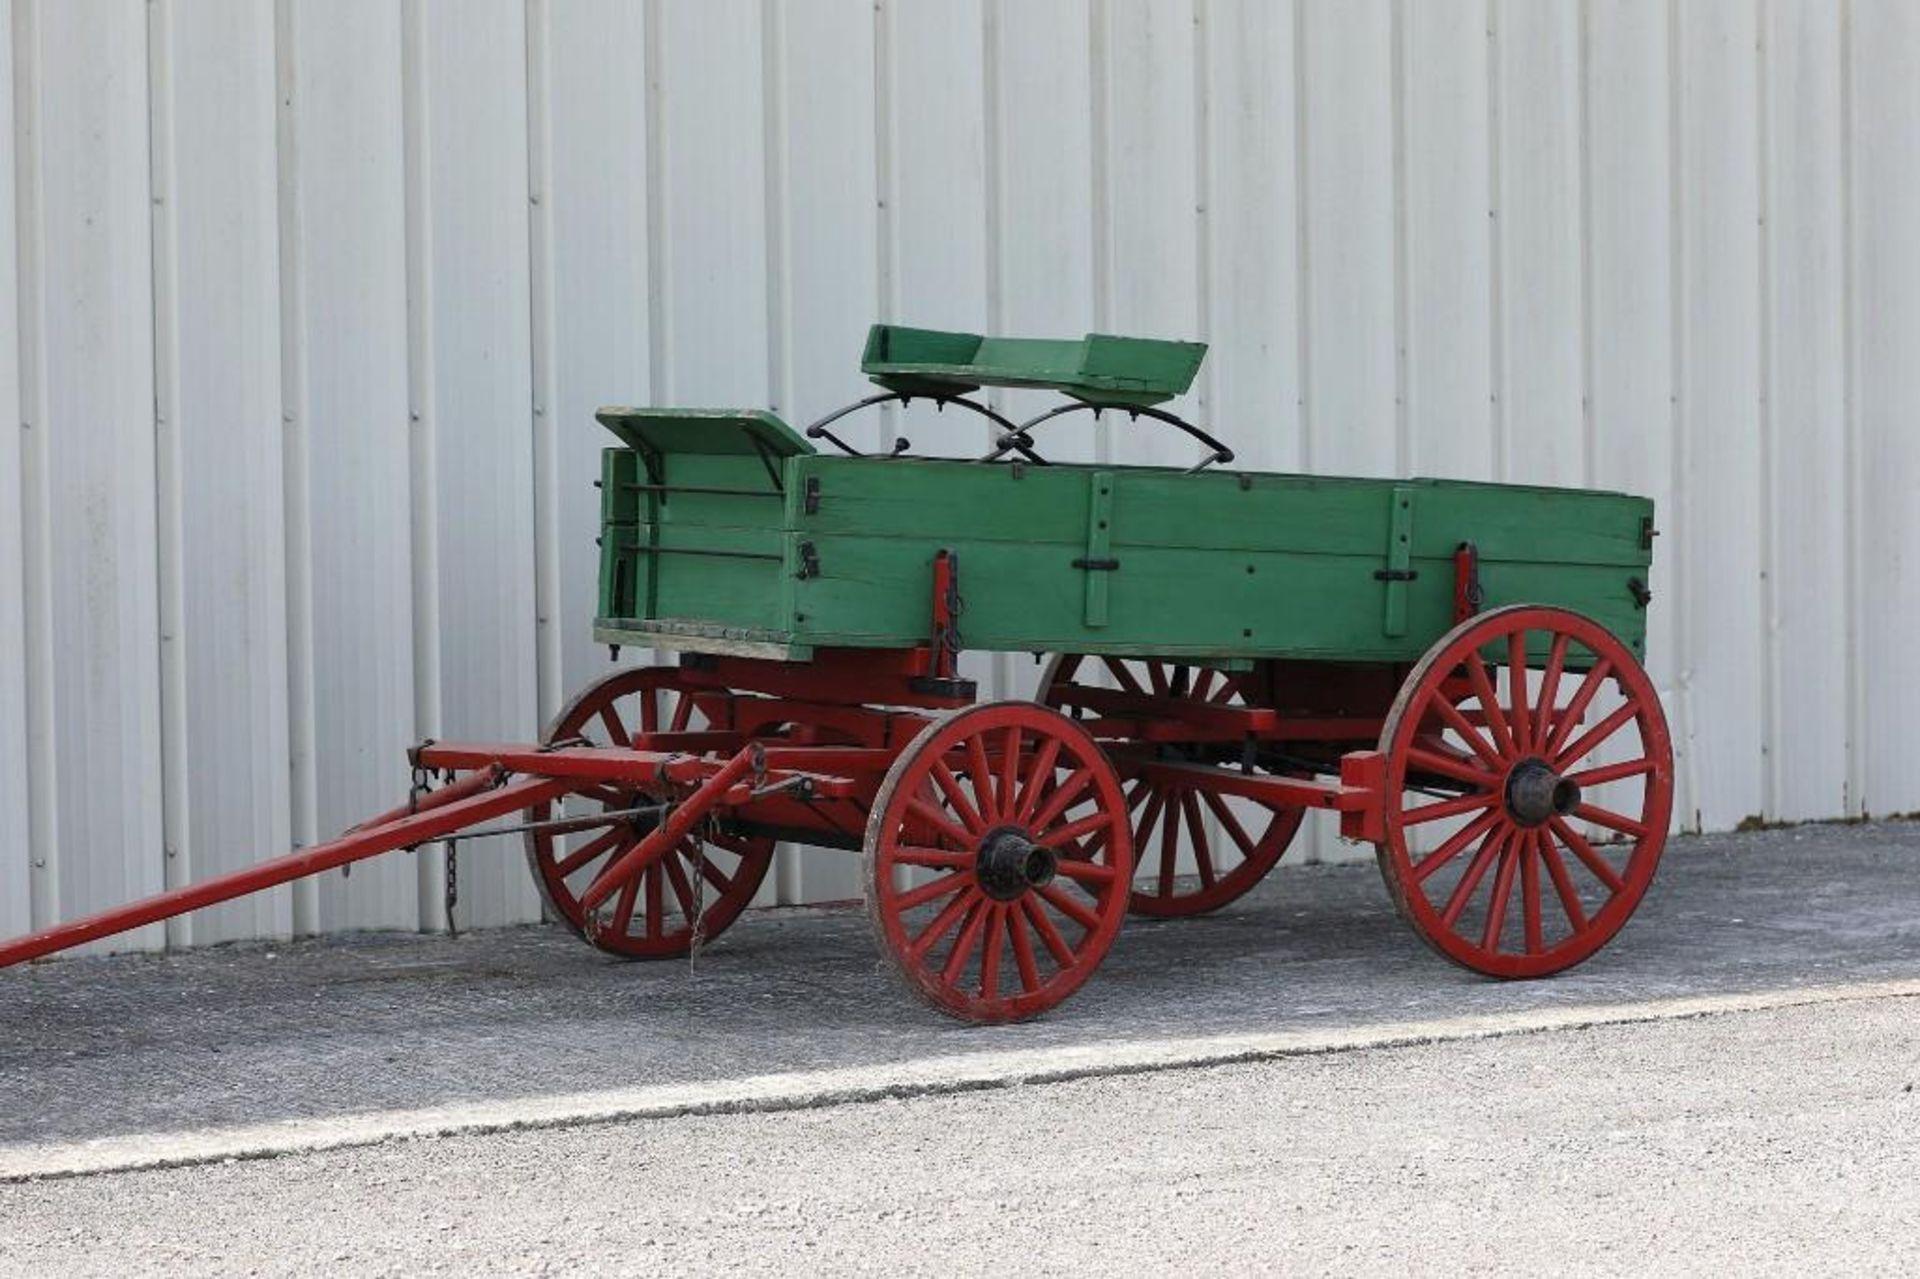 Pony Box Bed Farm Wagon - Image 2 of 2